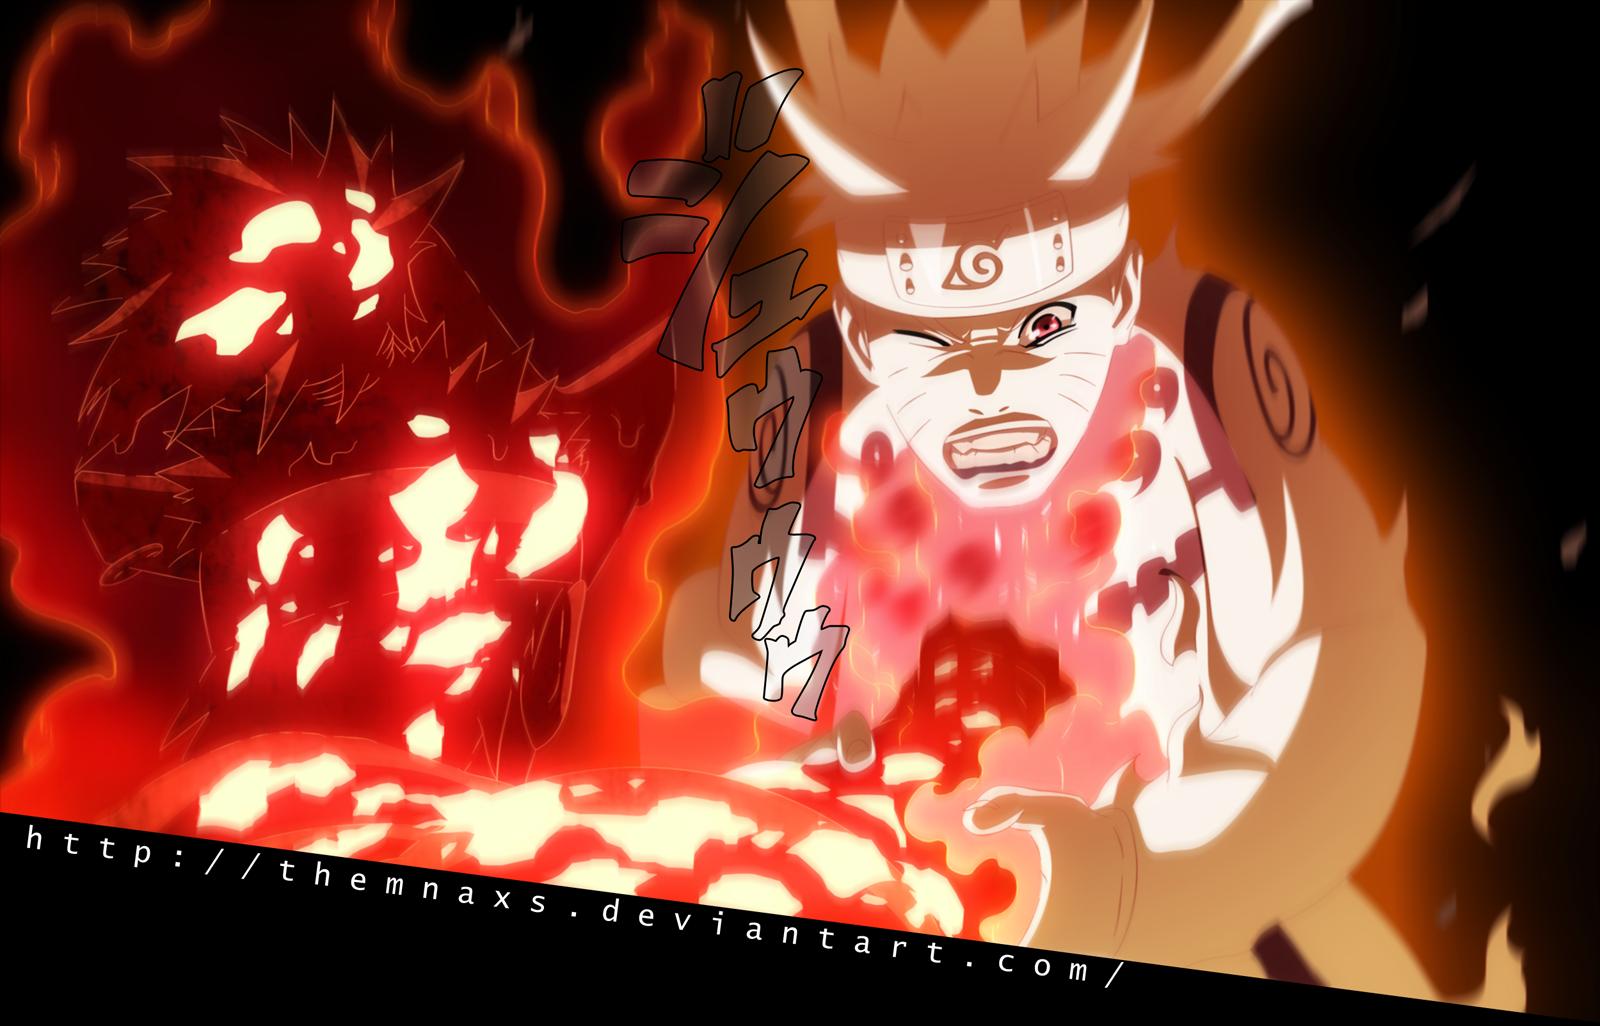 Roshi VS Naruto by themnaxs on DeviantArt